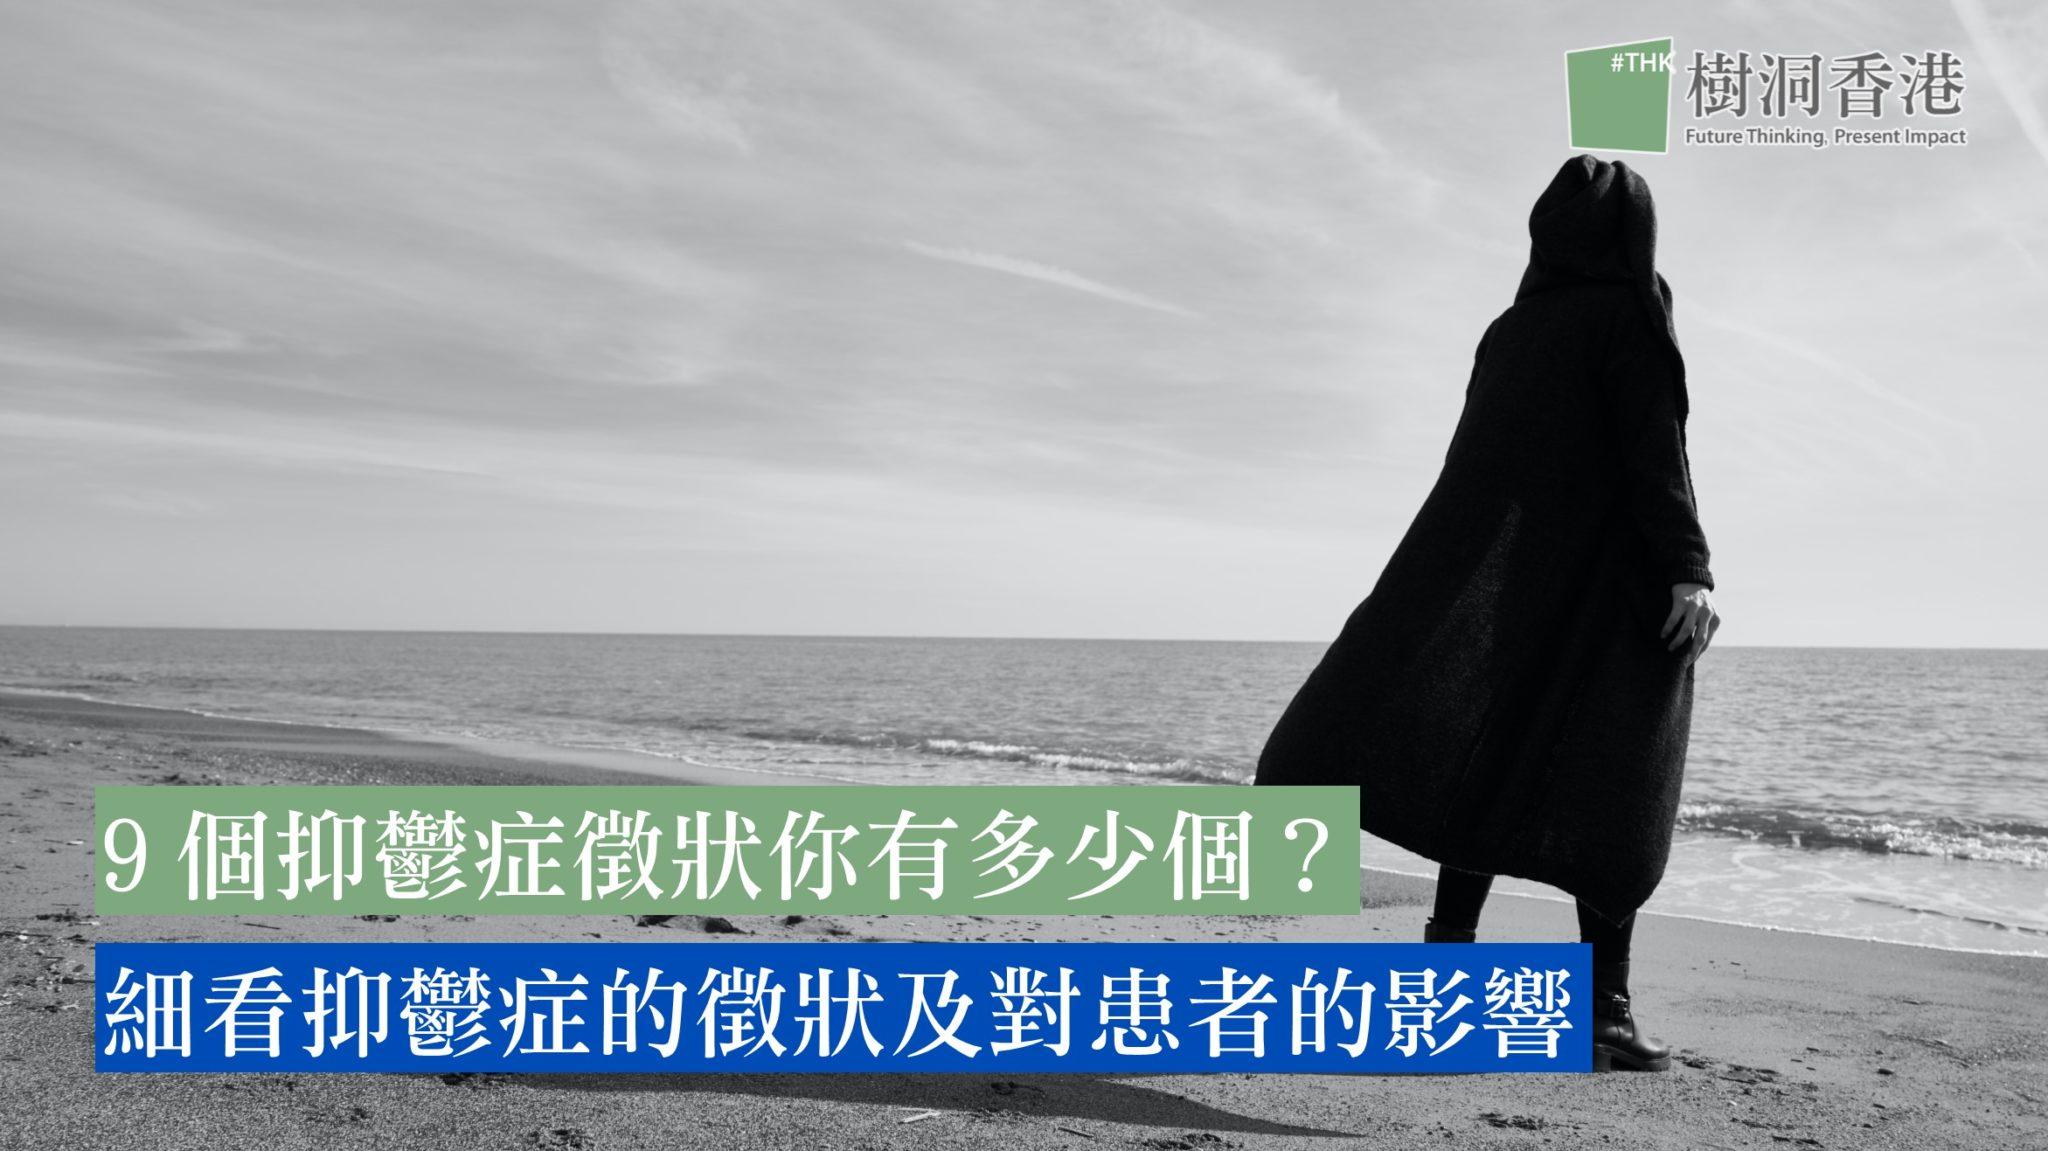 9個抑鬱症徵狀你有多少個?細看抑鬱症的徵狀及對患者的影響 2